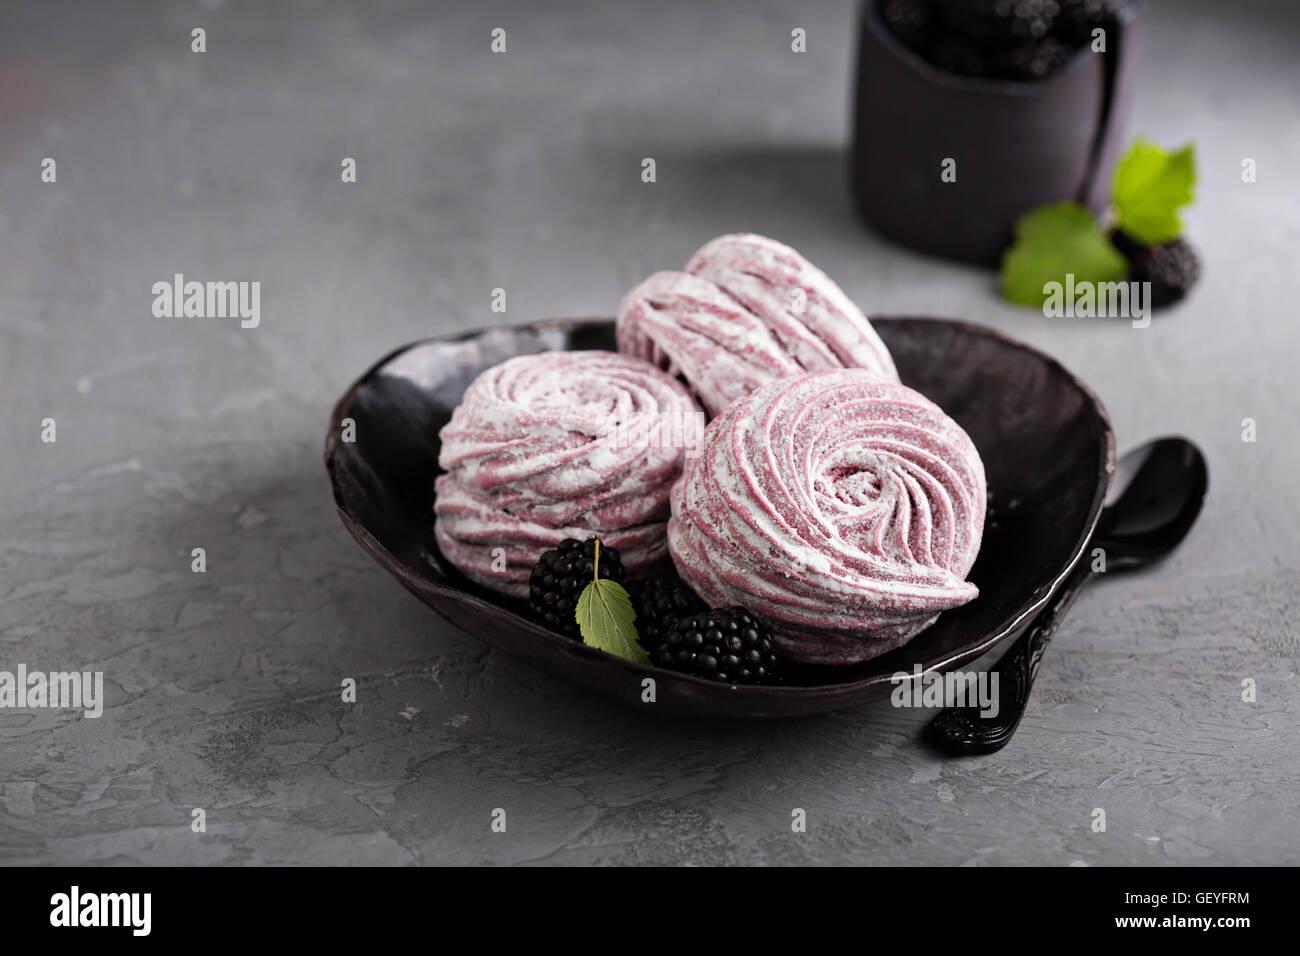 Guimauve maison dessert aux fruits rouges Photo Stock